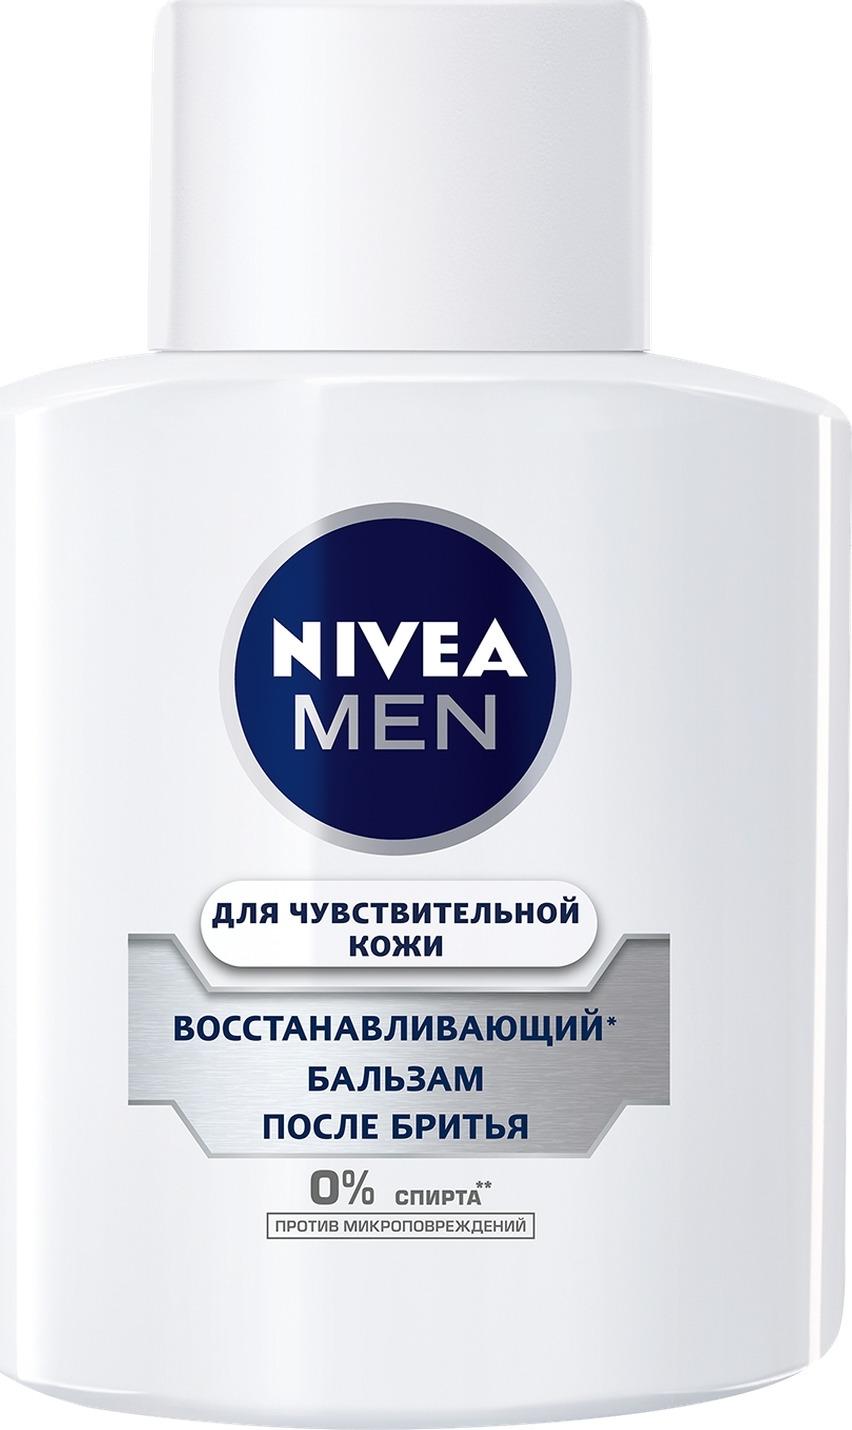 Восстанавливающий бальзам после бритья Nivea, для чувствительной кожи, 100 мл недорго, оригинальная цена